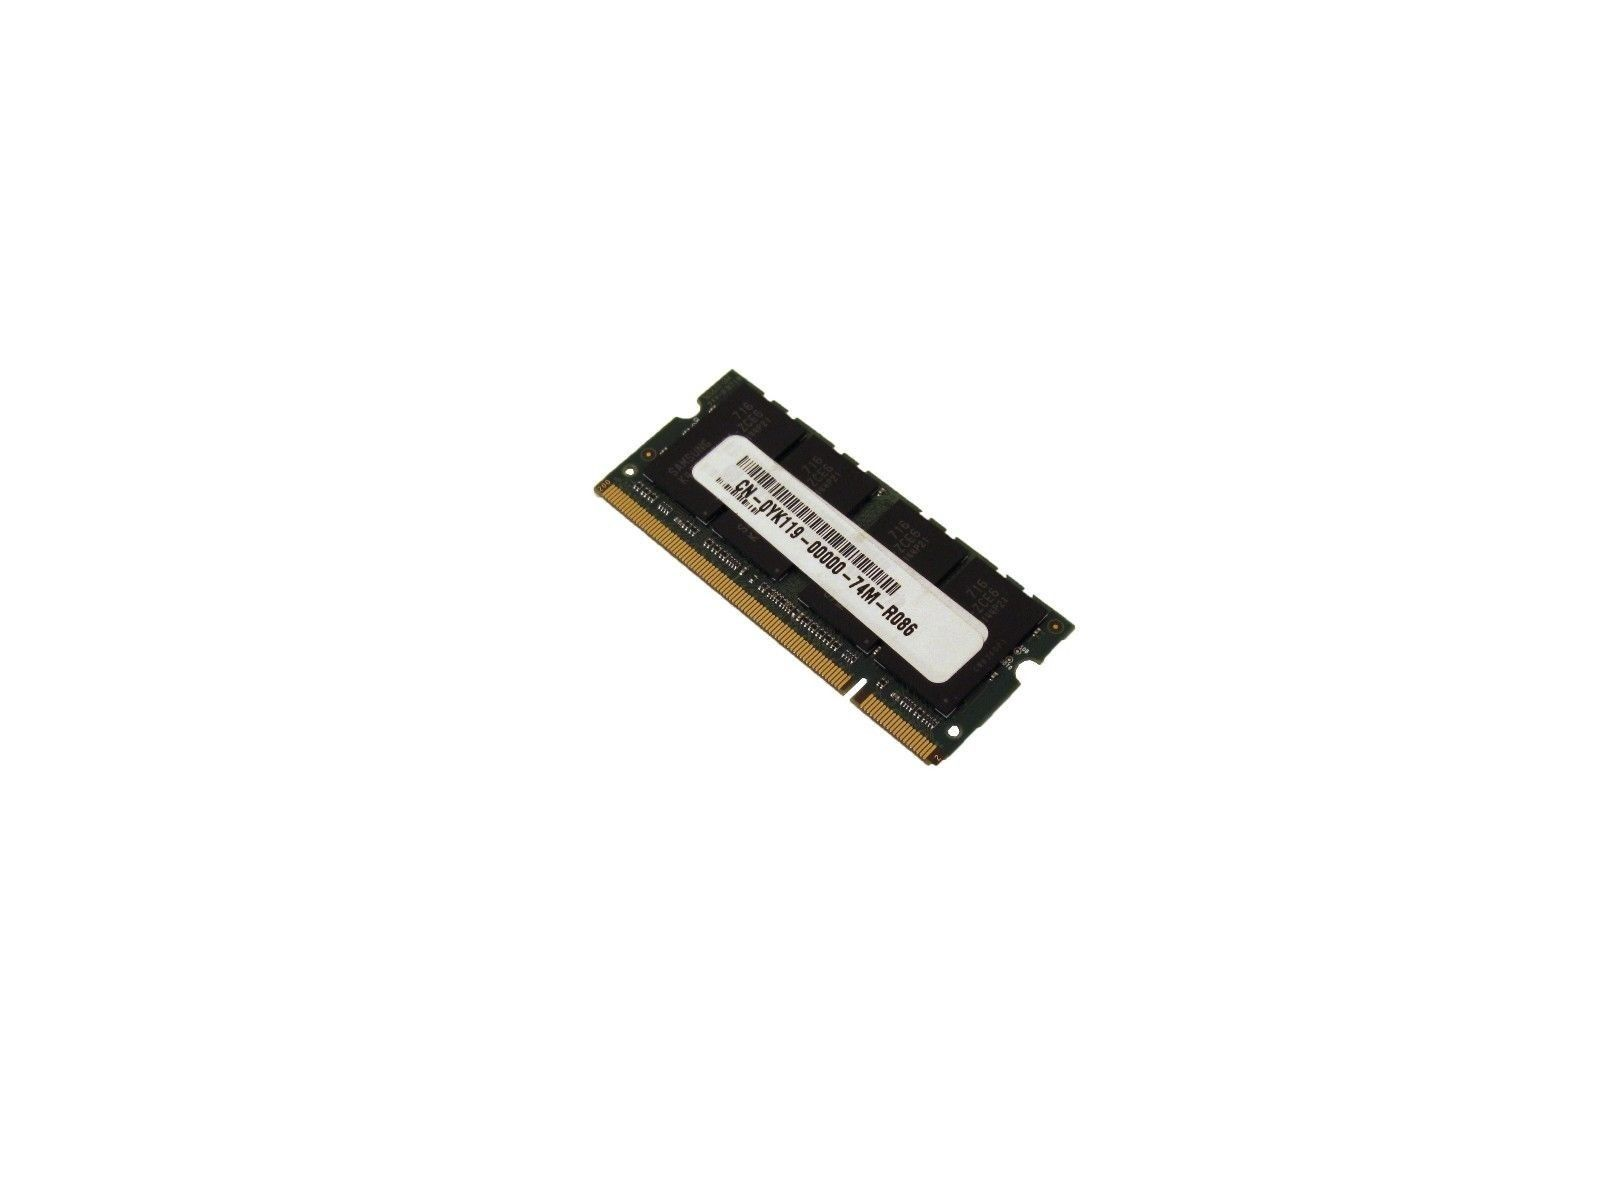 Samsung YK119 2GB Notebook SODIMM DDR2 M470T5669AZ0-CE6